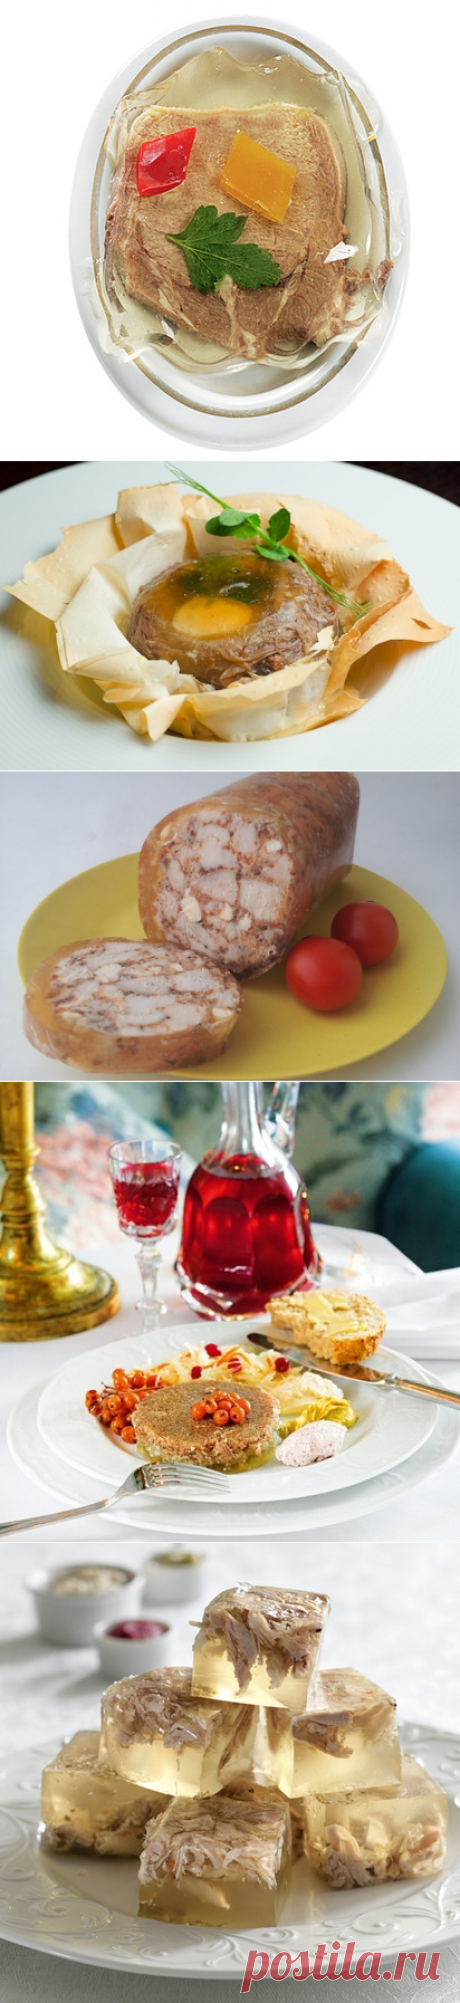 Рецепты холодца и заливного к праздничному столу!